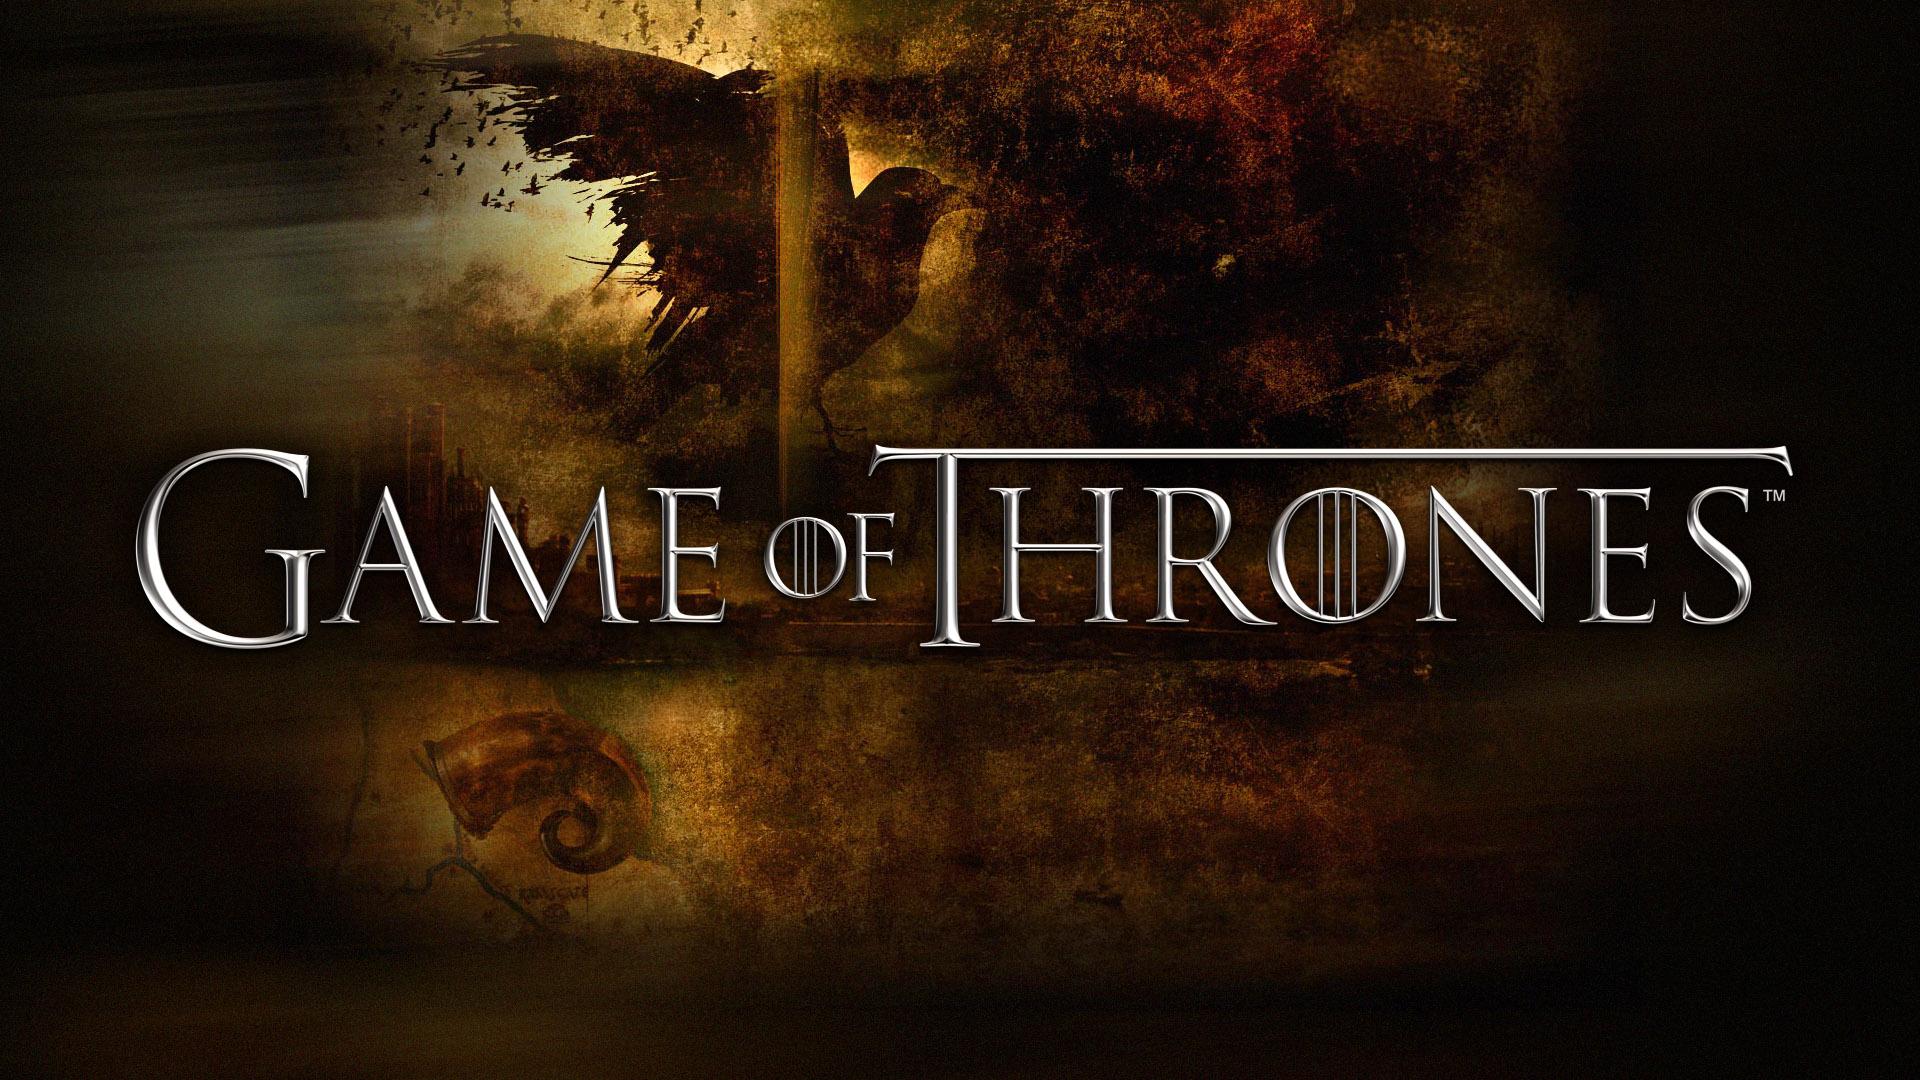 Game of Thrones Season 4 Wallpapers Best Wallpapers FanDownload 1920x1080